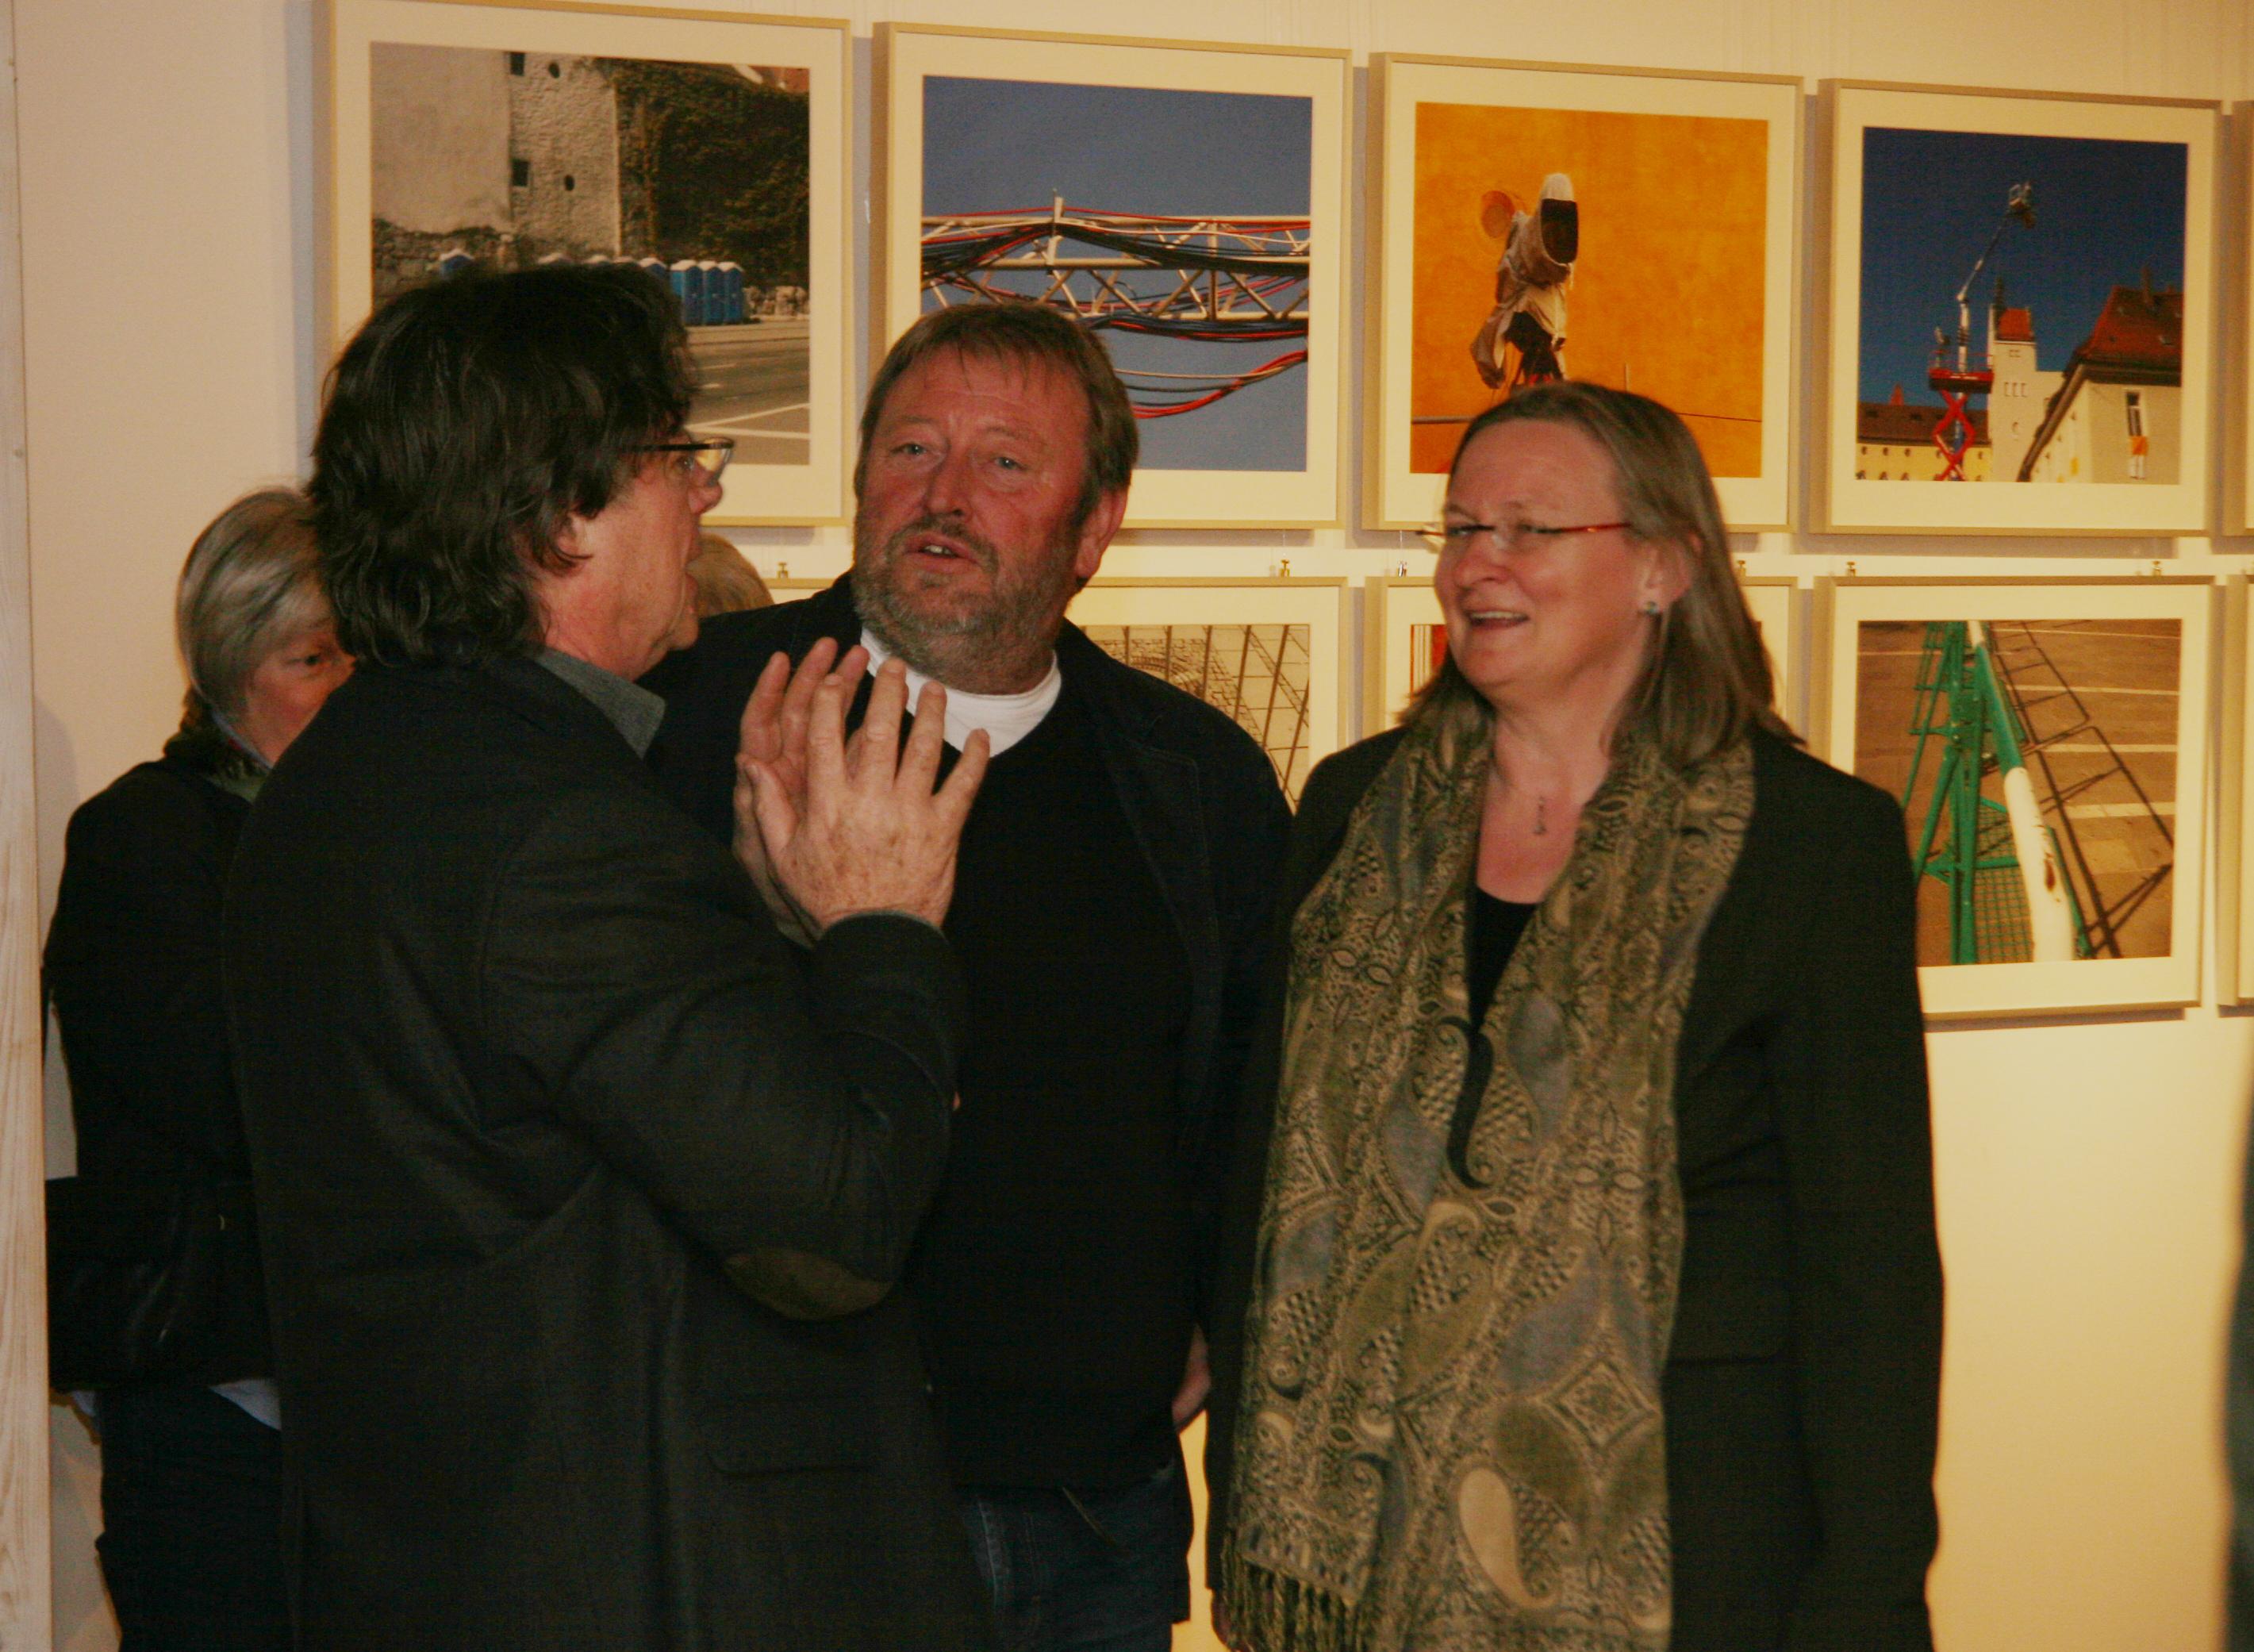 Alfred Böschl (l.) und Hubert Huber (m.) im Gespräch mit Besuchern.